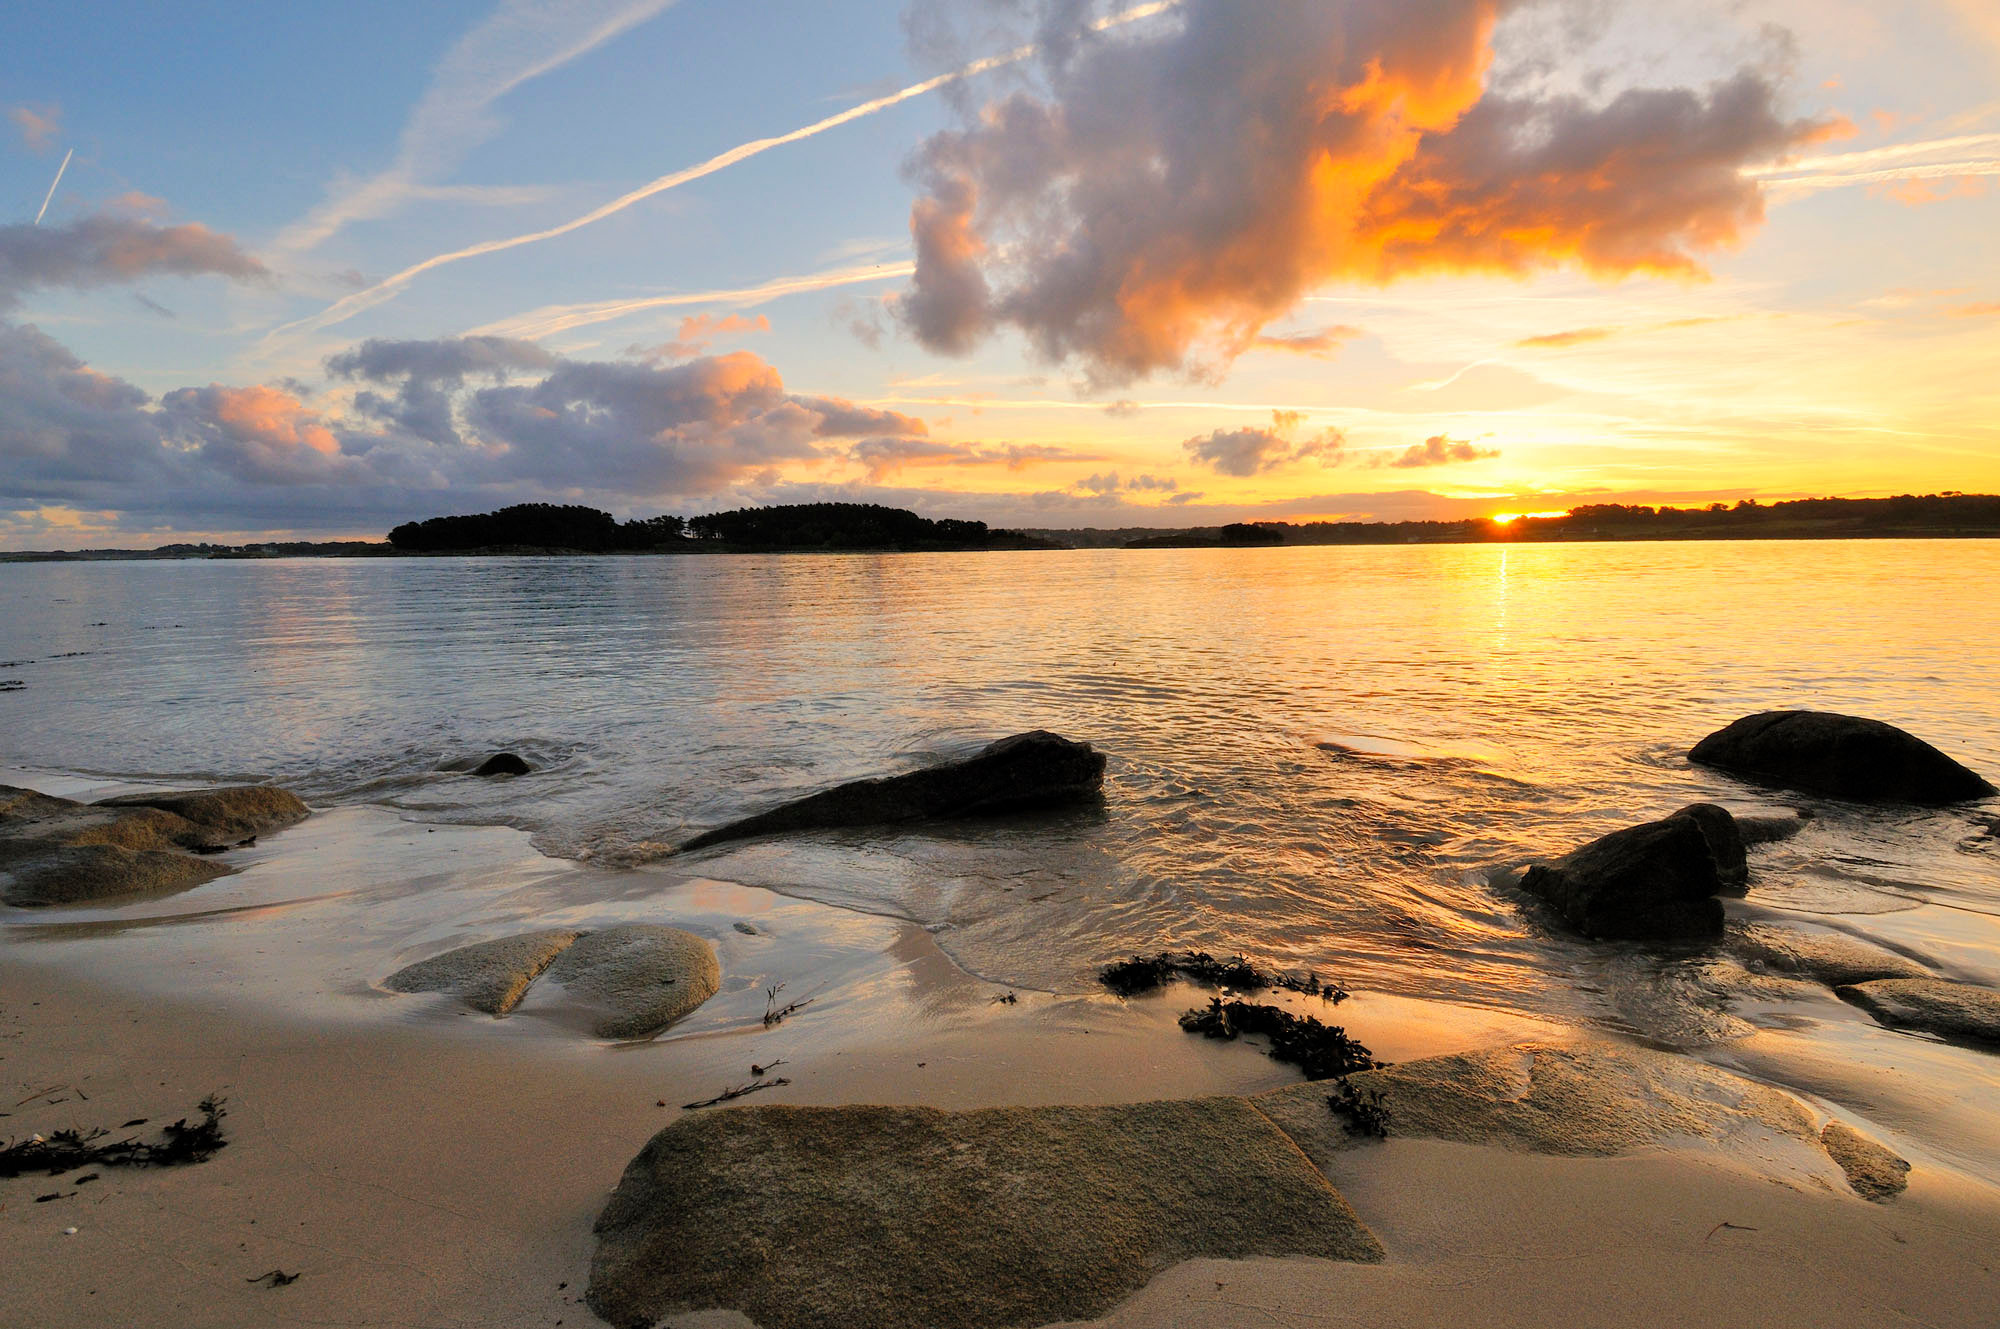 Vue sur l'île d'Avalon, Côtes d'Armor